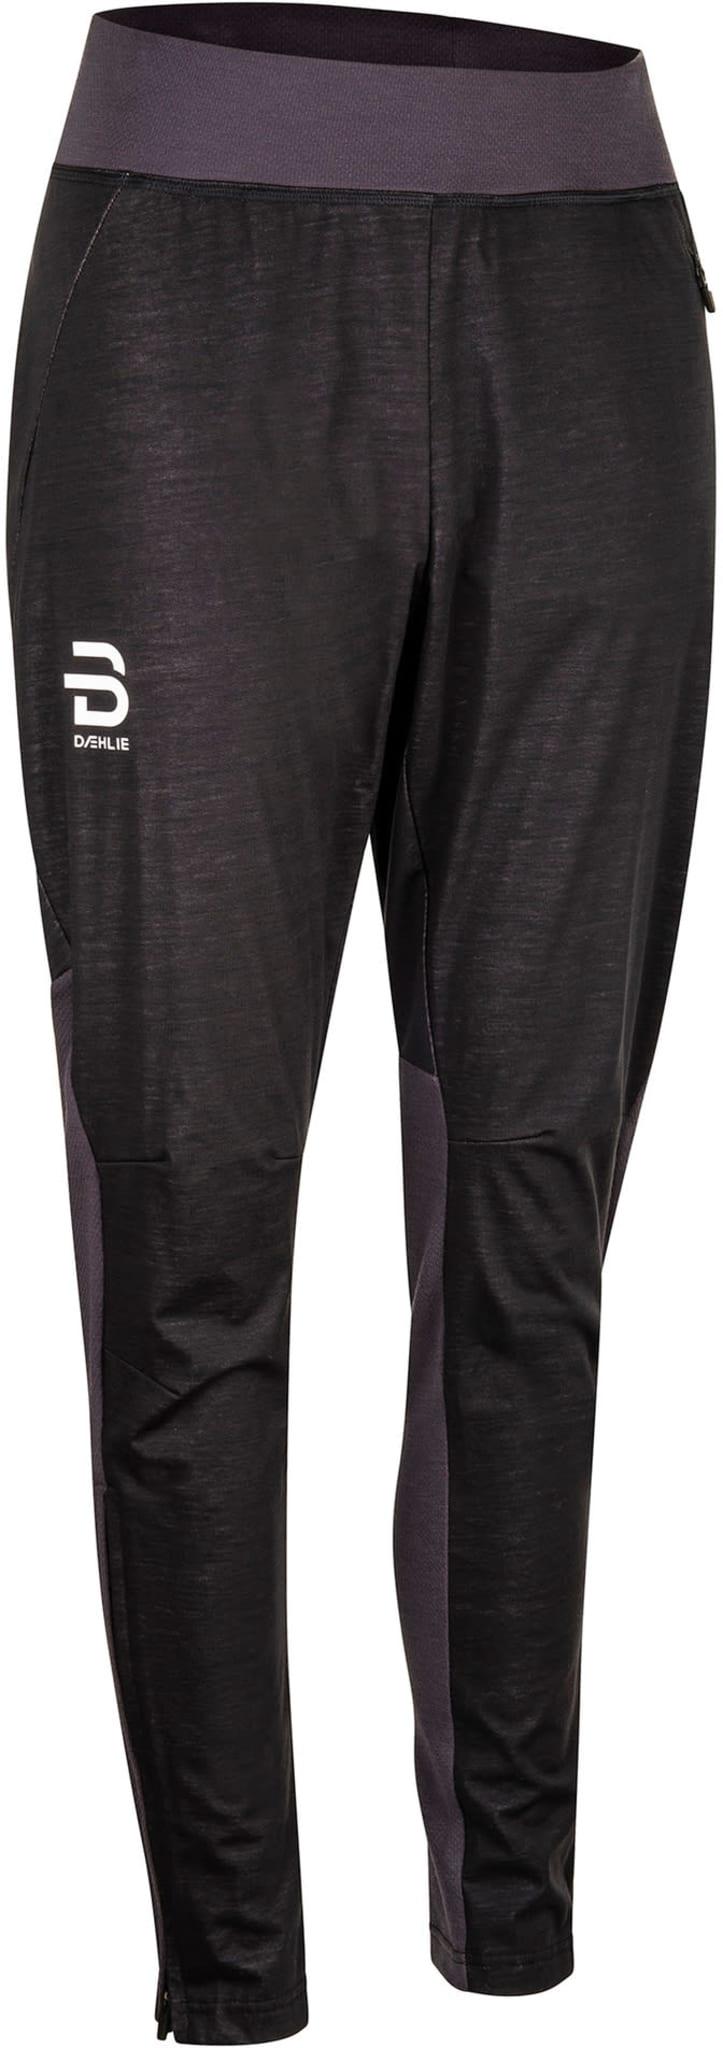 Bærekraftig bukse